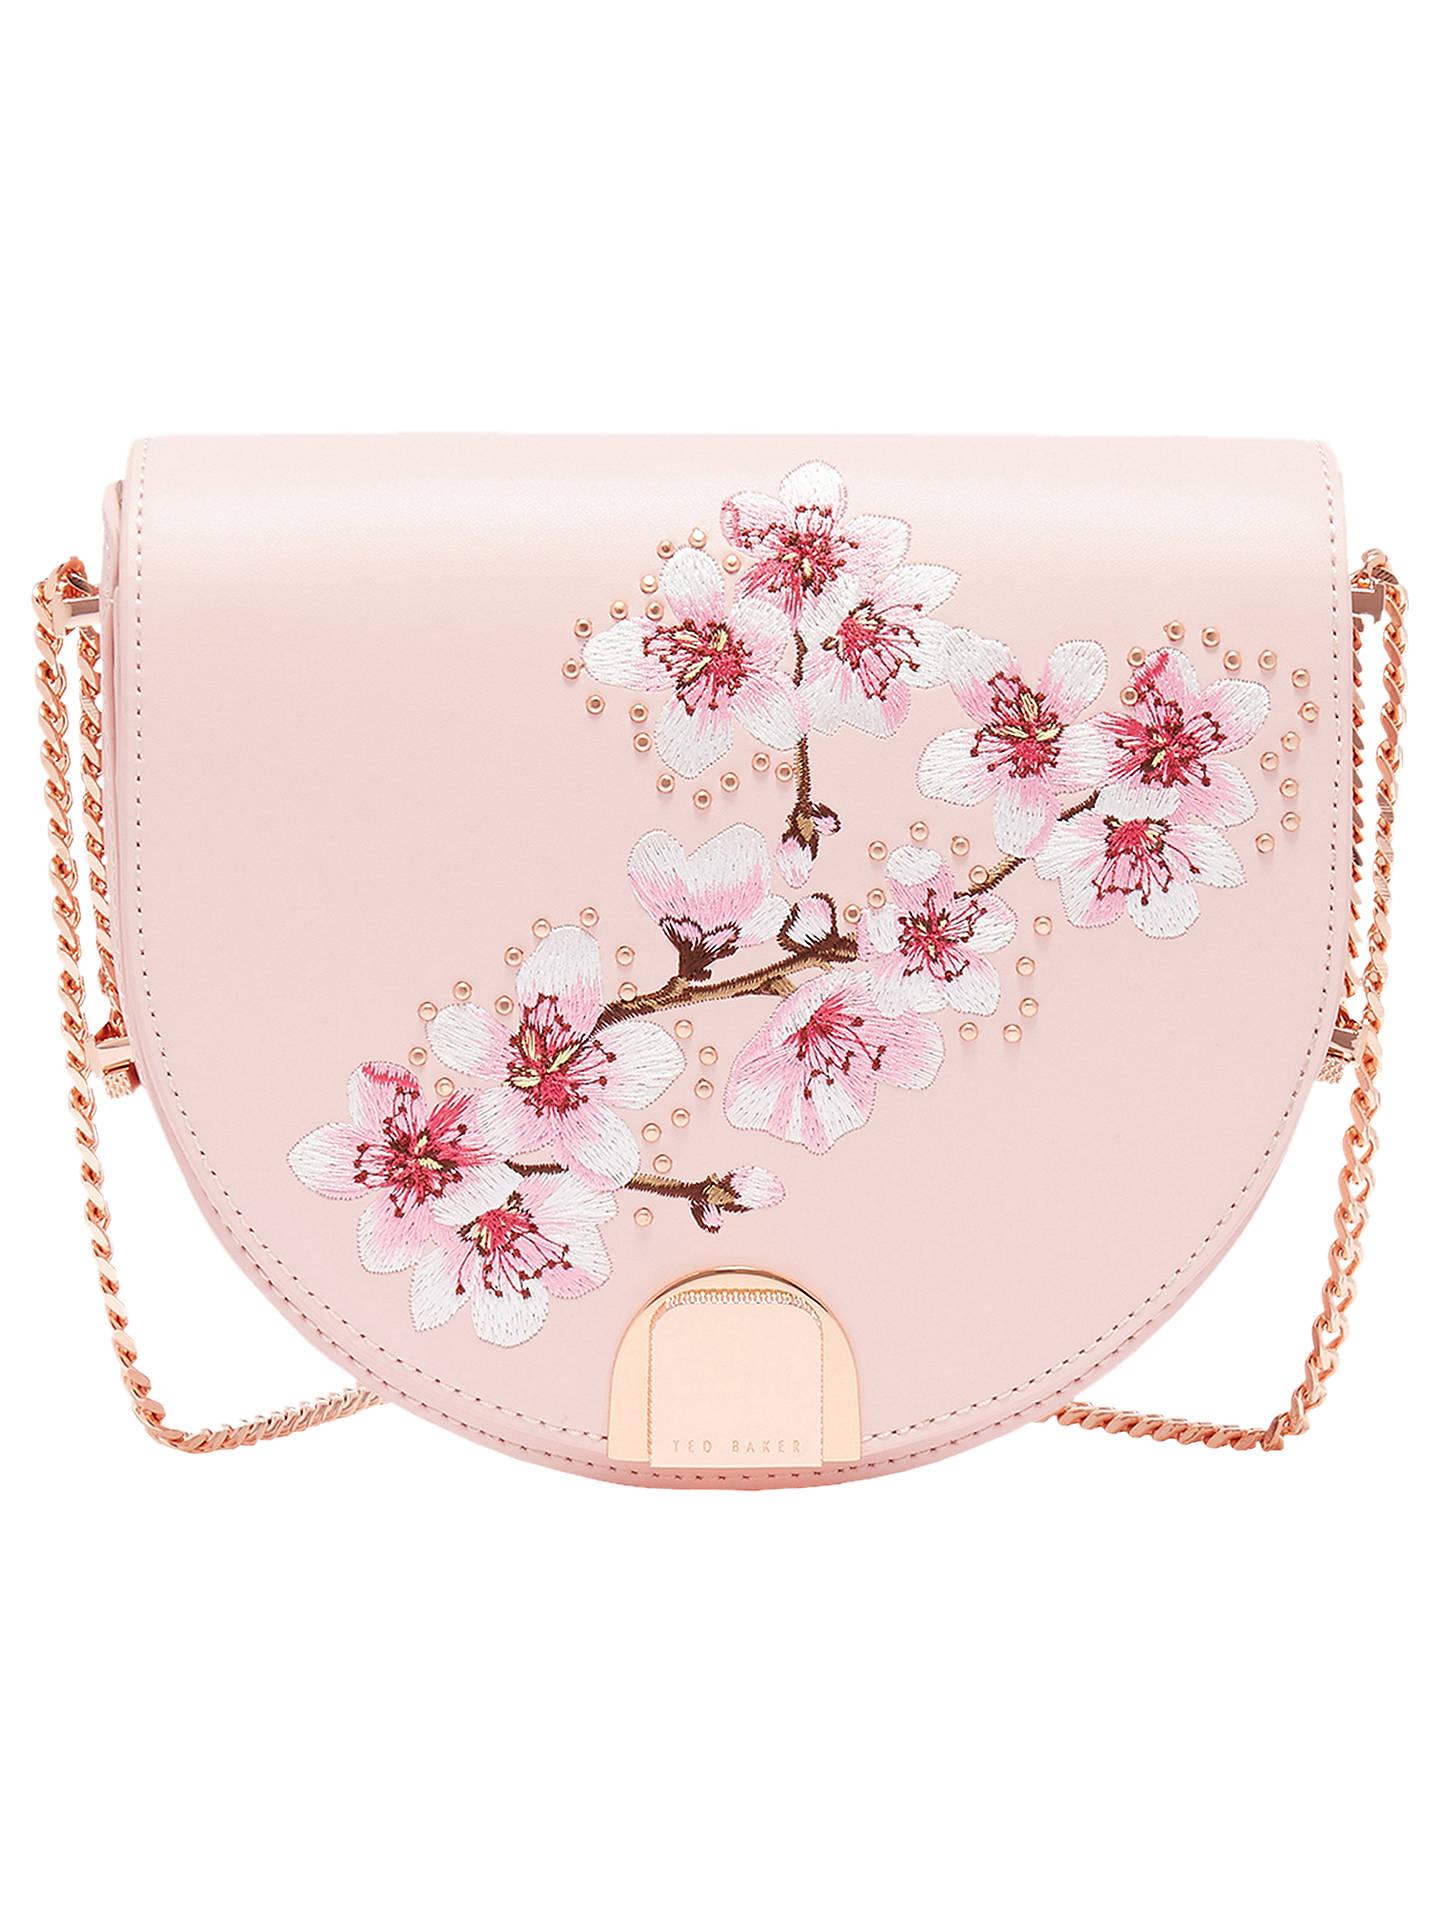 264b112419 Buy Ted Baker Susy Soft Blossom Leather Shoulder Bag, Light Pink Online at  johnlewis.